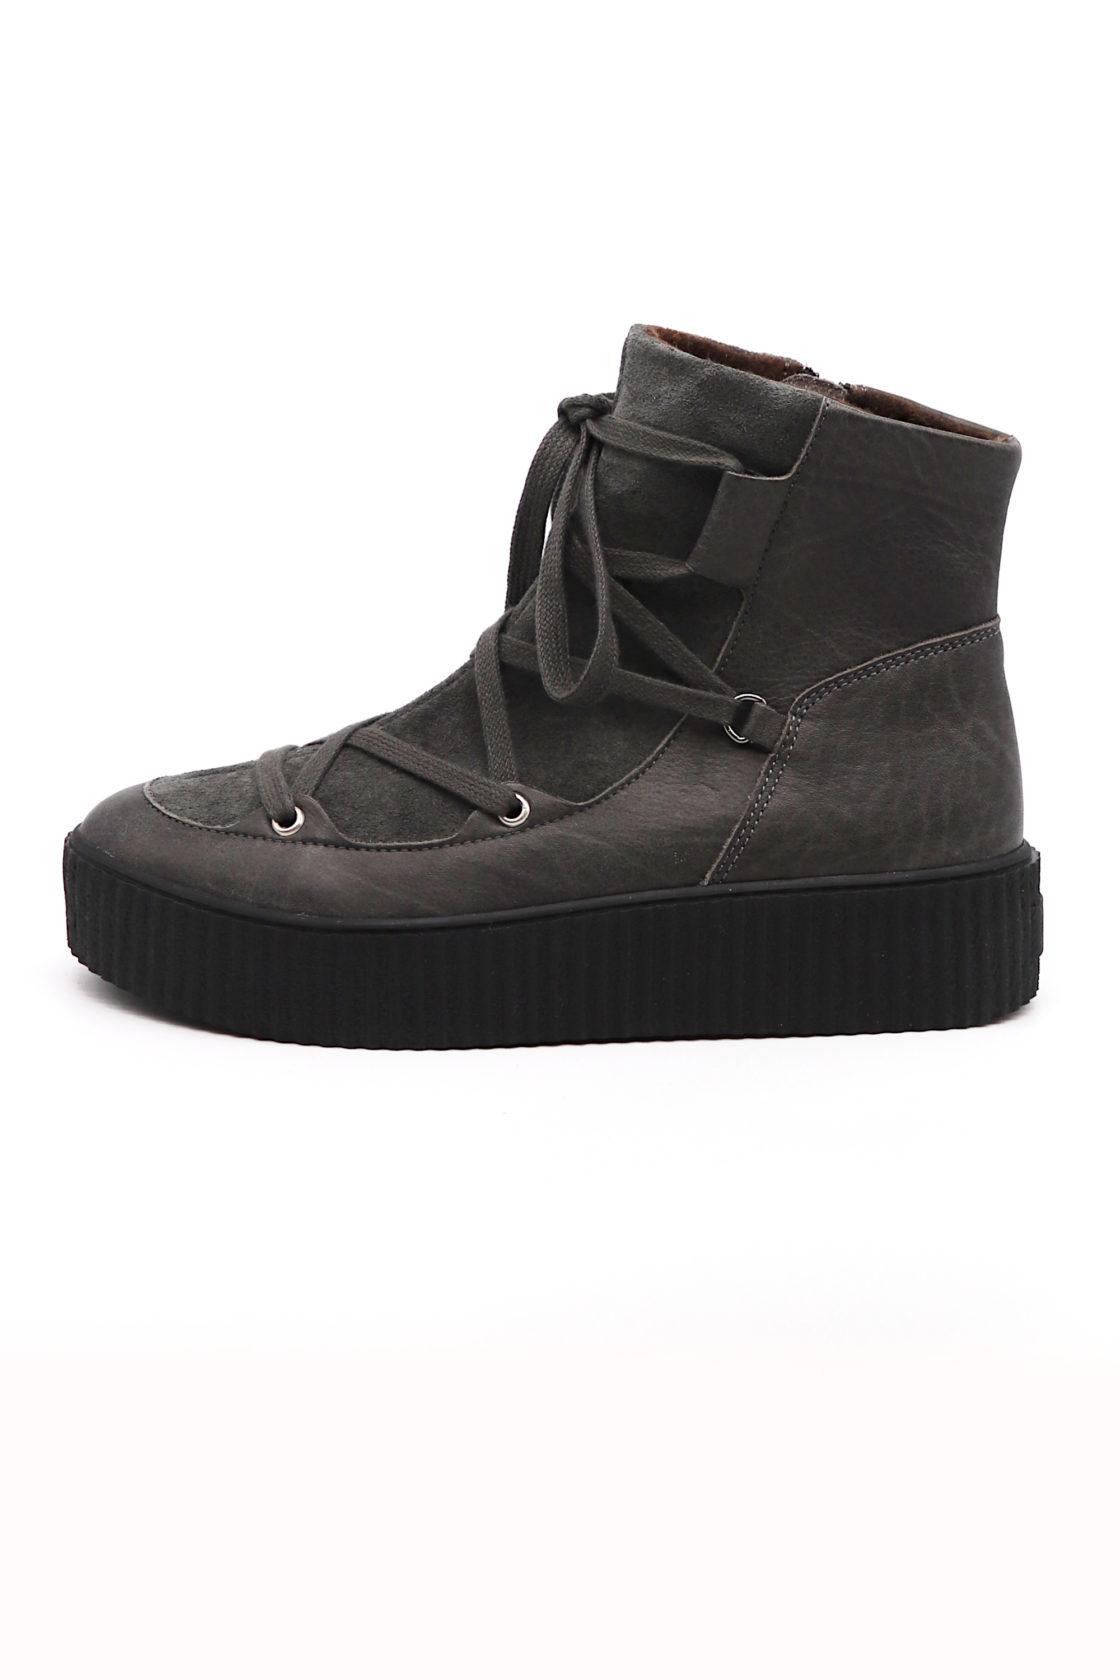 Roberta Organic Fashion Werner Boots Inuki Grey 3